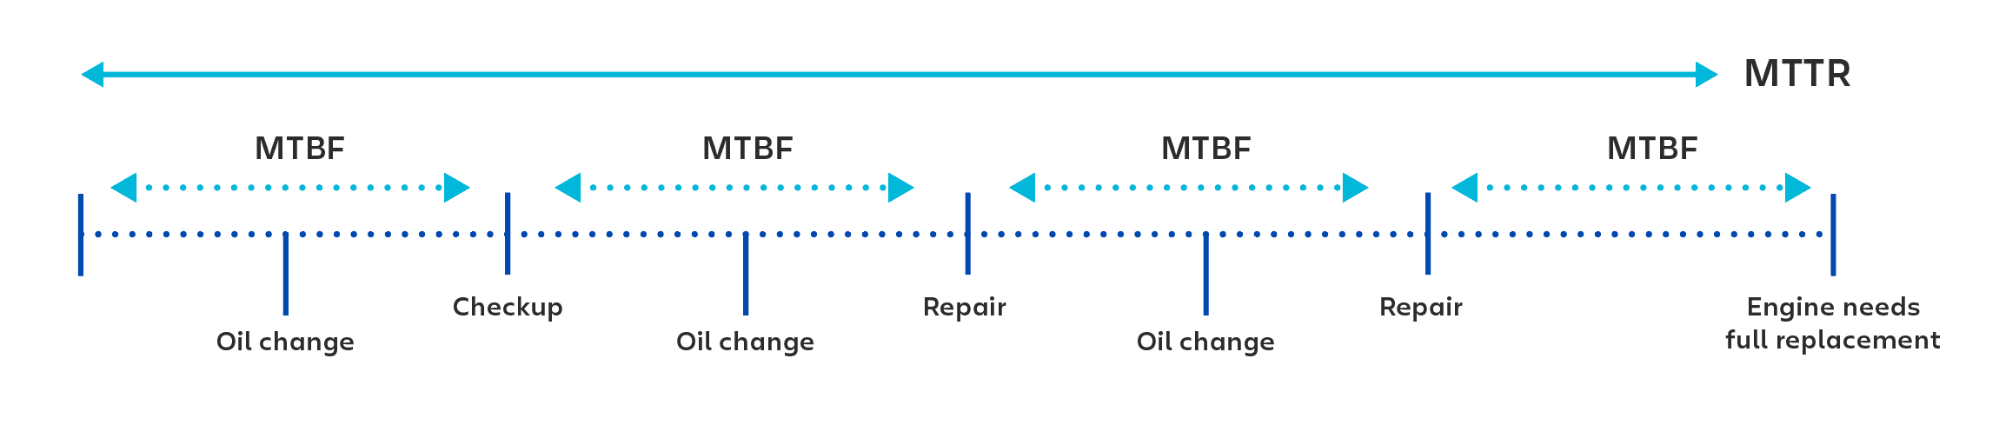 各チェックアップまたは修復の間の時間を計算する際の MTBF (平均故障間隔) の利用の視覚的な例。